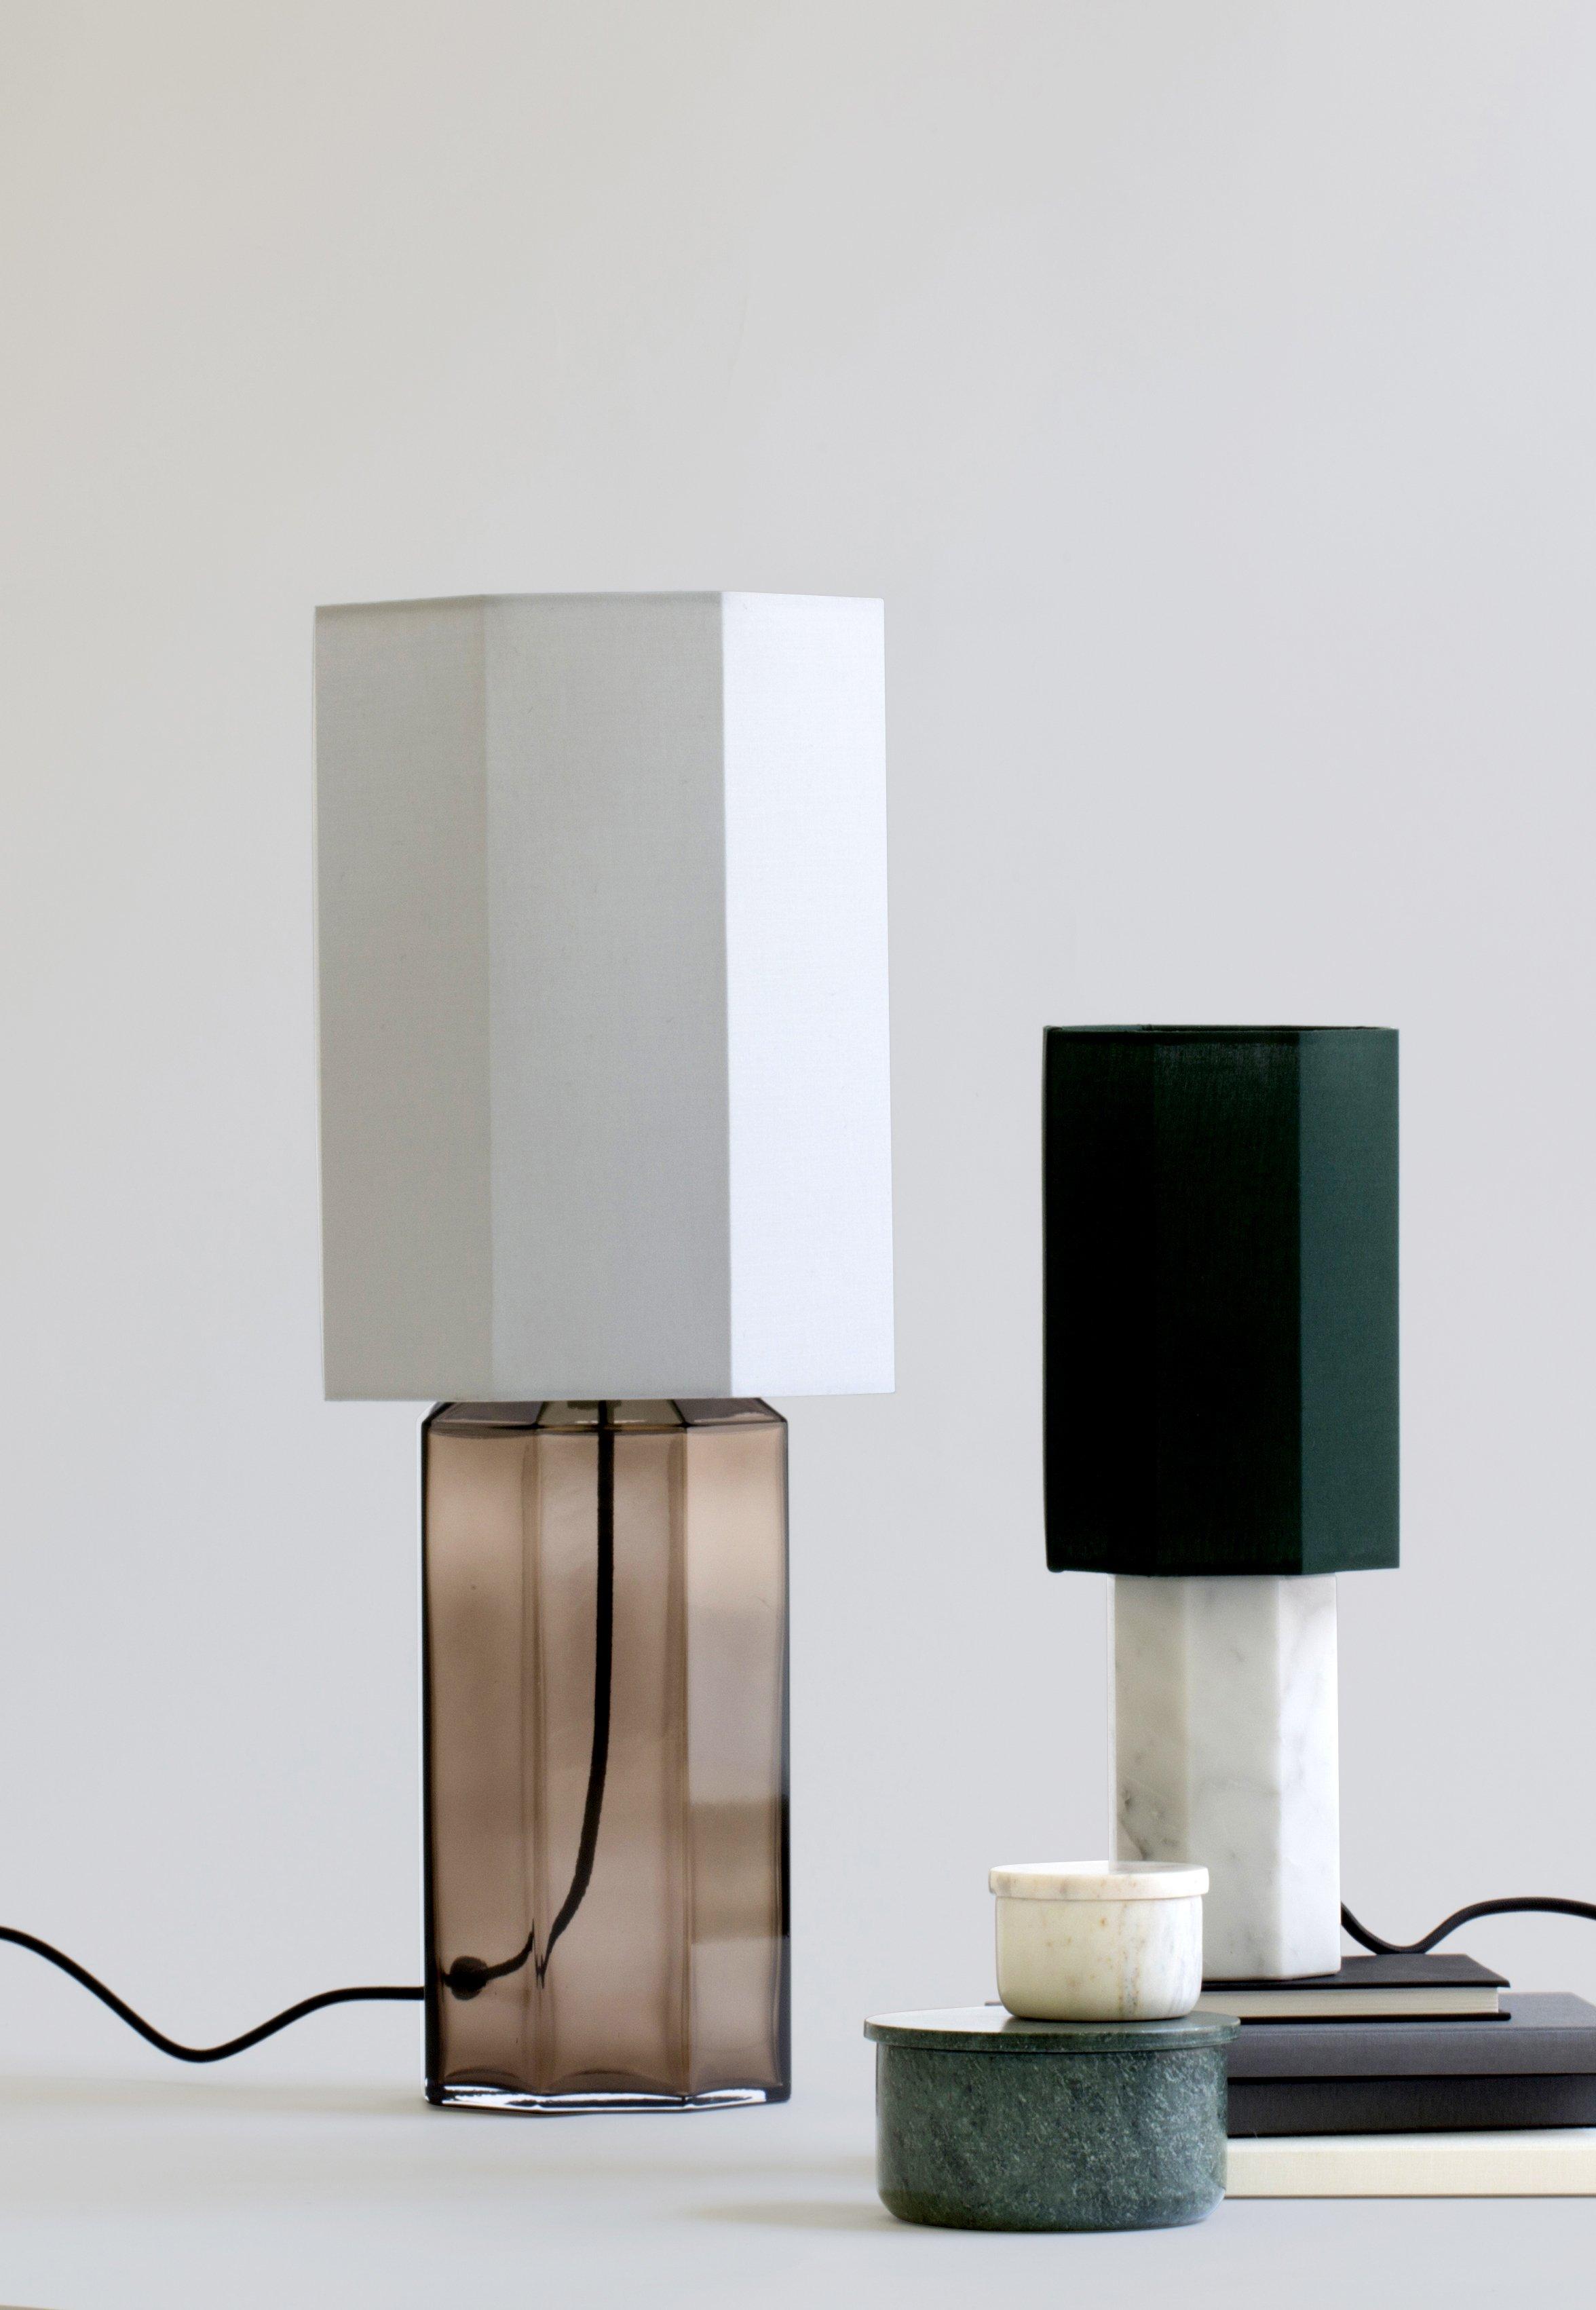 Tischlampe Eight over Eight aus Glas